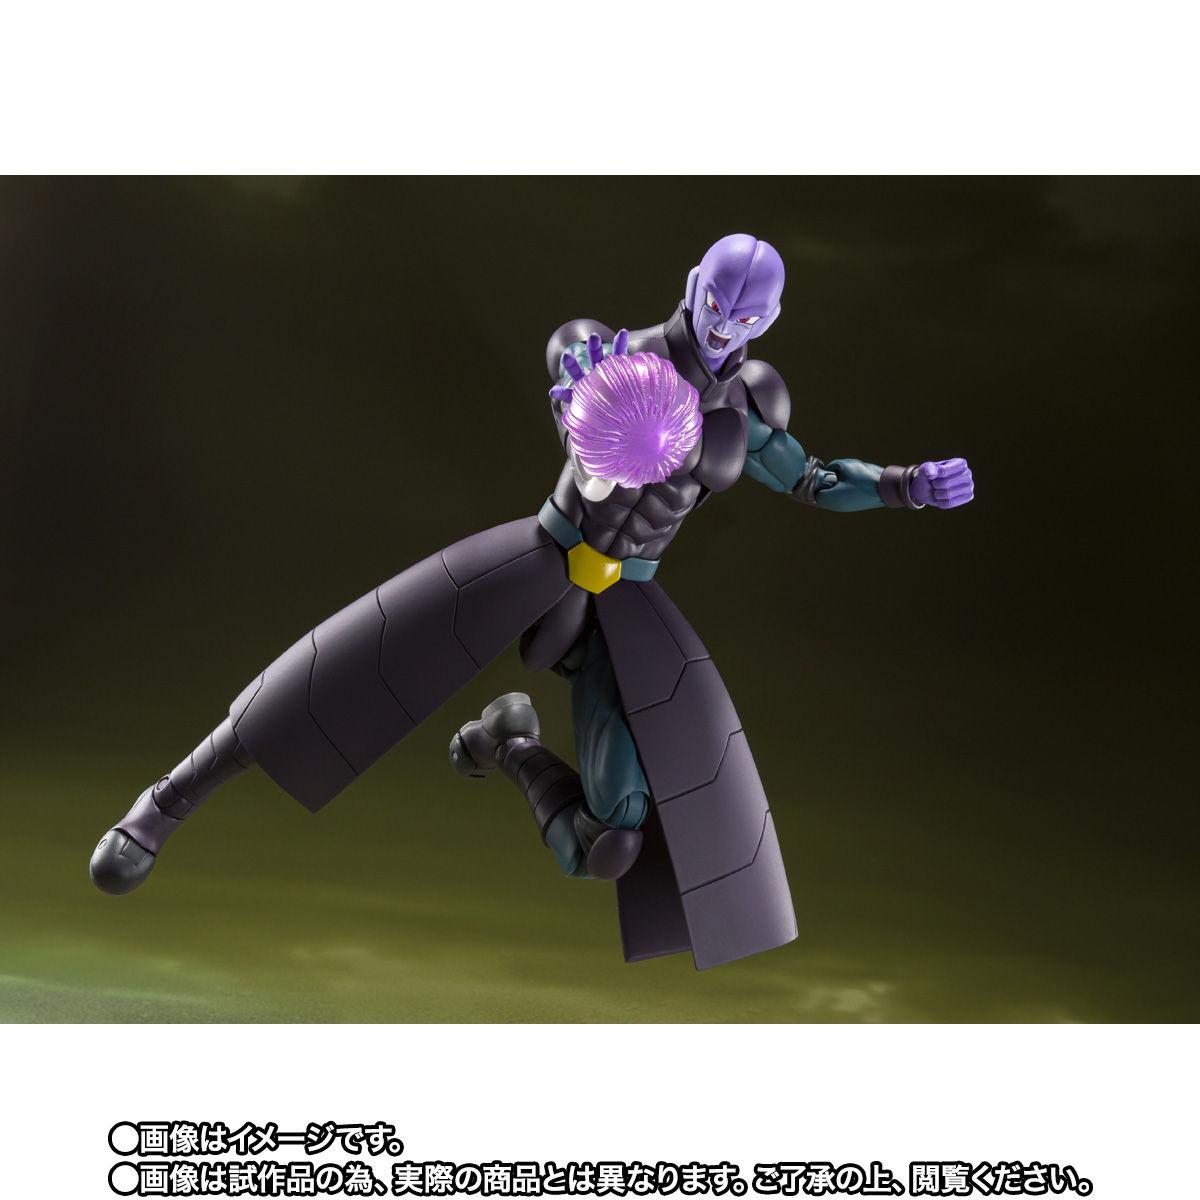 【限定販売】S.H.Figuarts『ヒット』ドラゴンボール超 可動フィギュア-006